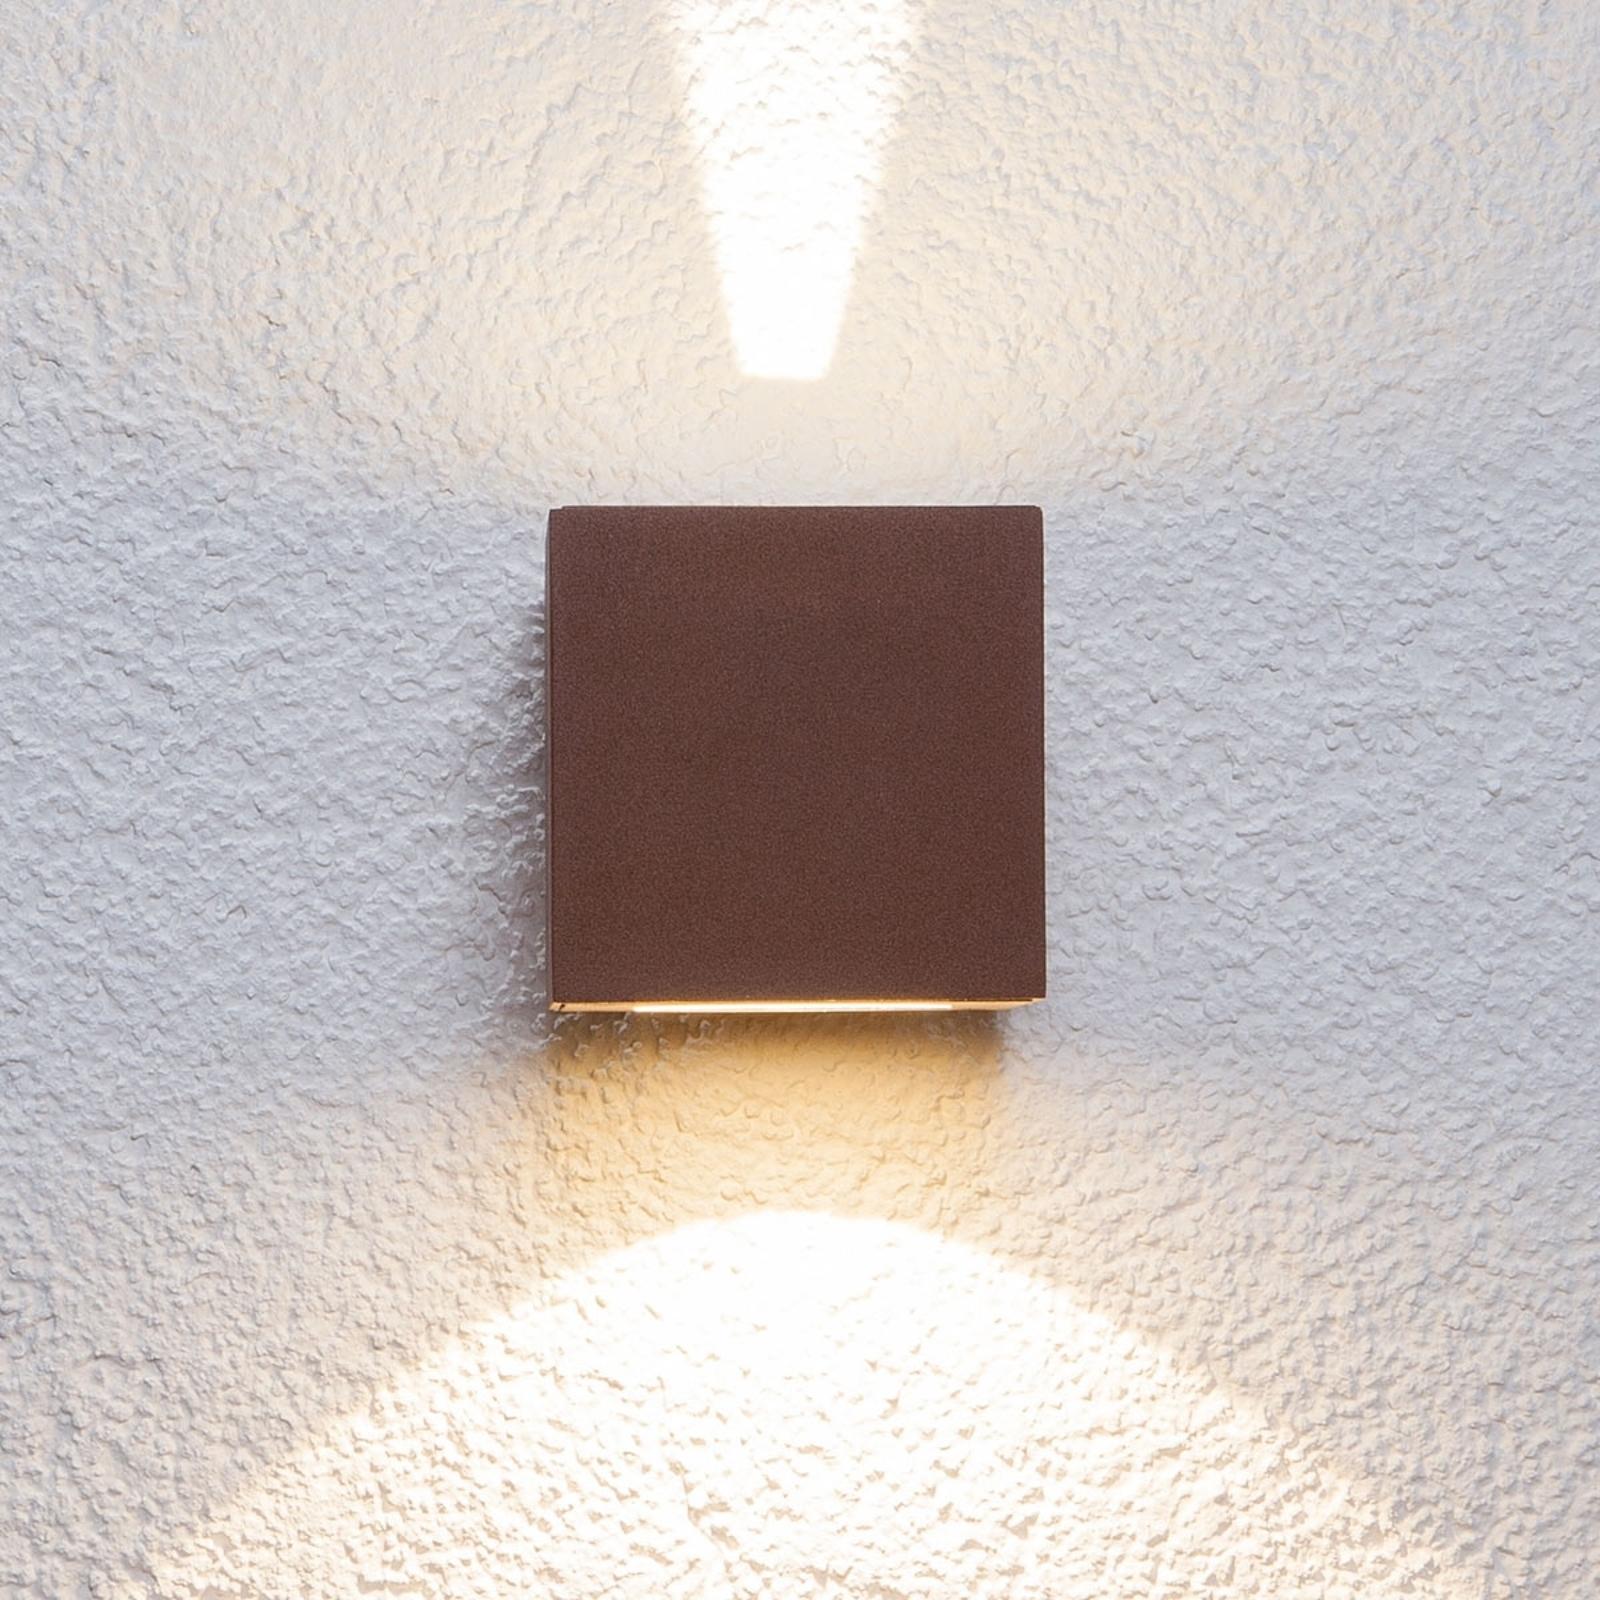 Rdzawo-brązowa lampa ścienna zewnętrzna LED Jarno